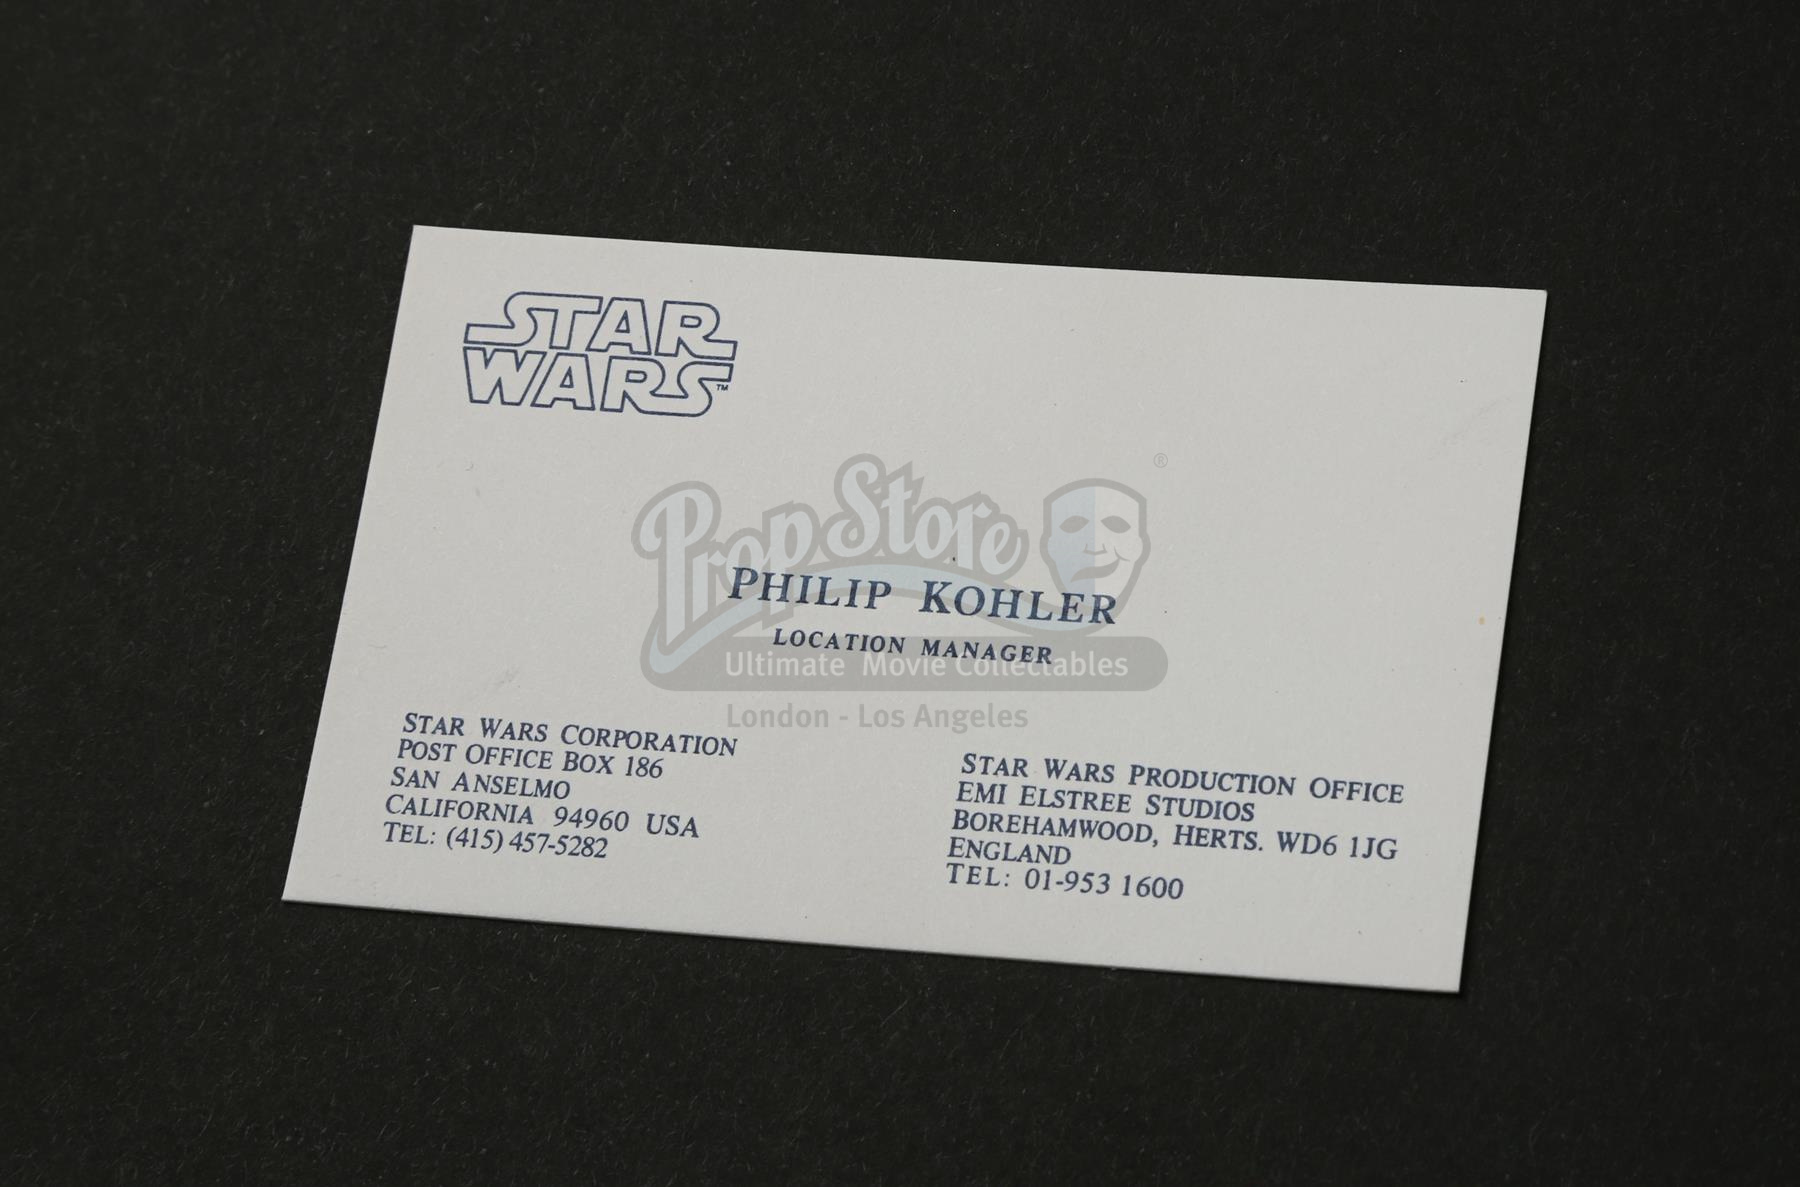 star wars the empire strikes back 1980 philip kohler s